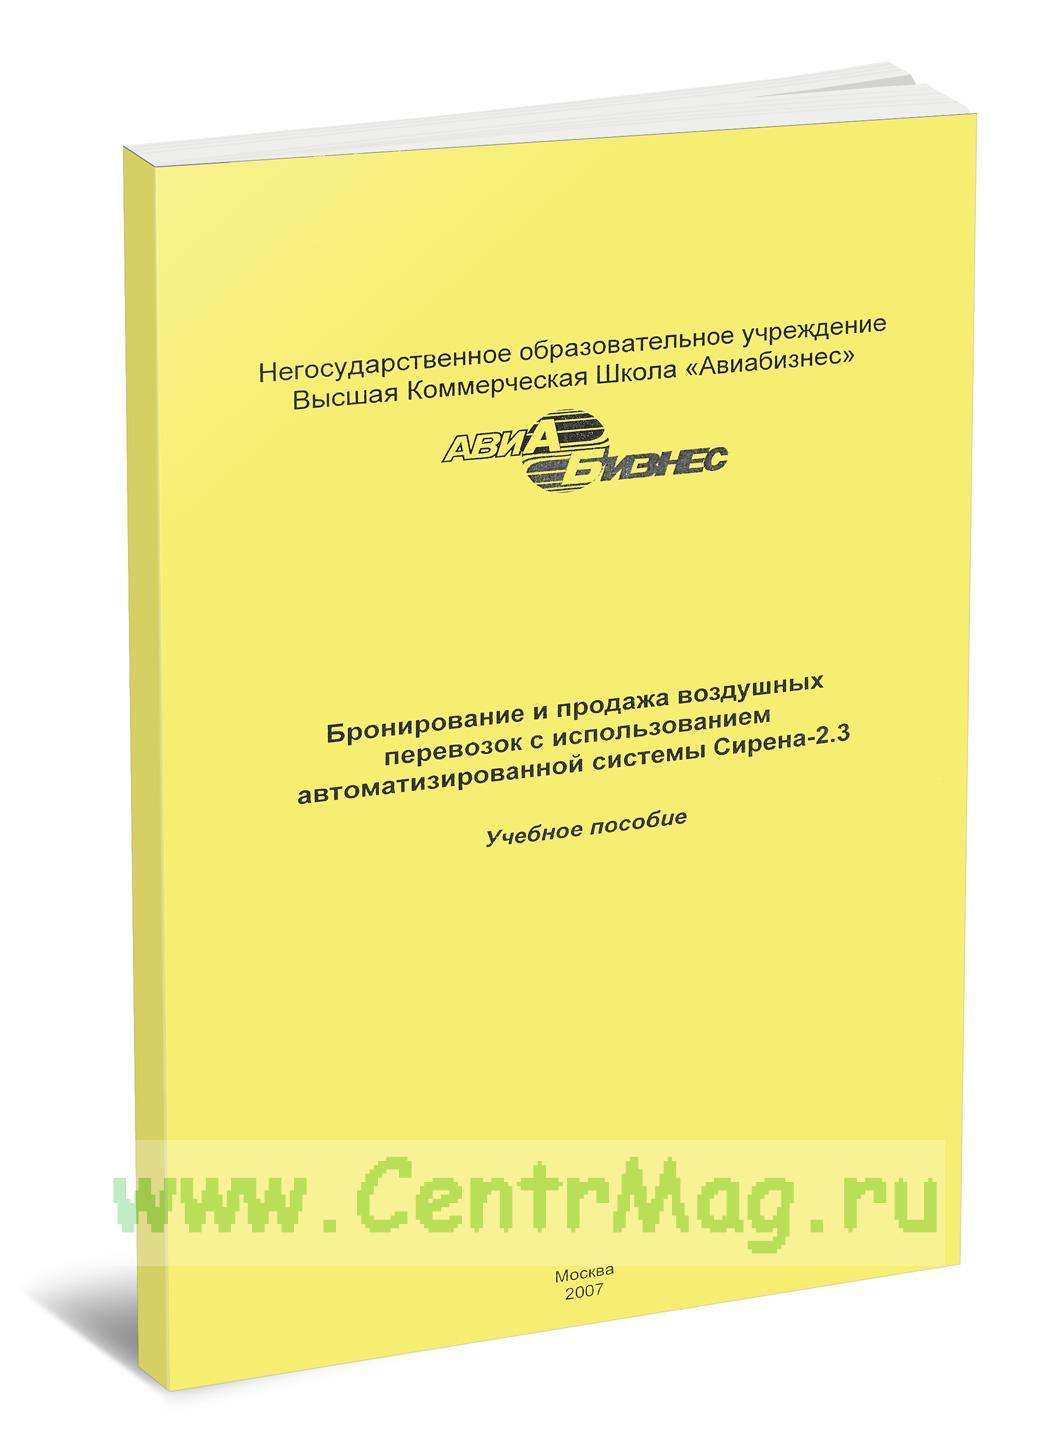 Бронирование и продажа воздушных перевозок с использованием автоматизированной системы Сирена-2.3. Учебное пособие